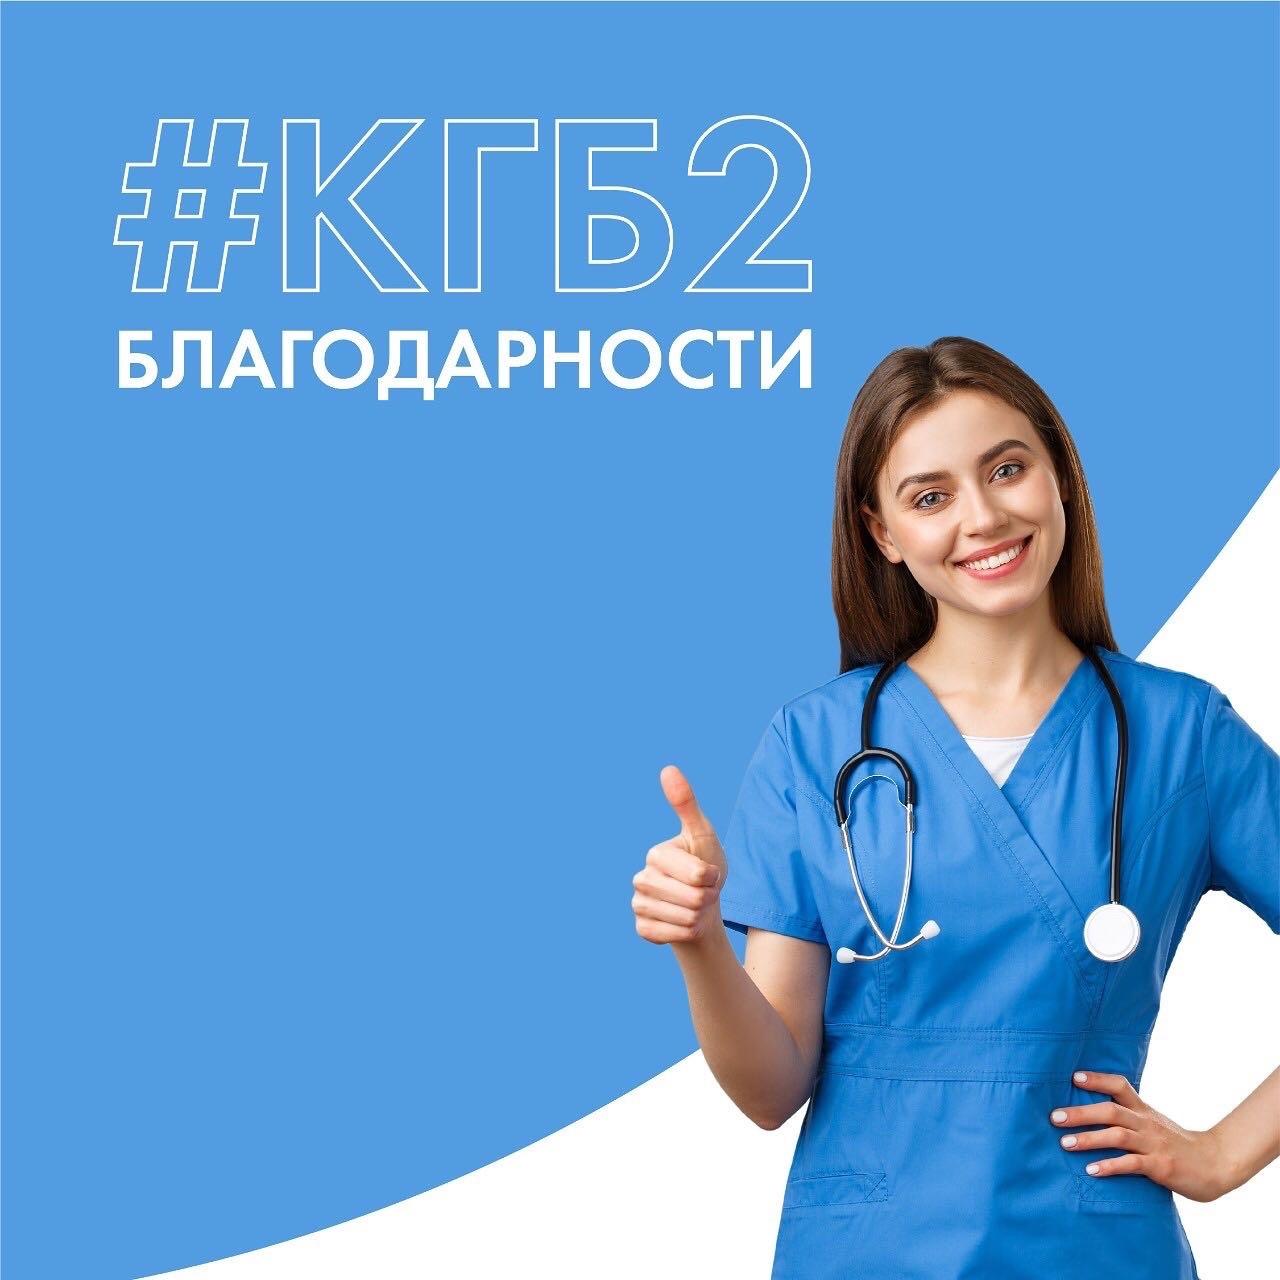 Мы рады поделиться с Вами благодарностью медицинской сестре процедурного кабинета детской поликлиники №3 Беляковой Елене Петровне